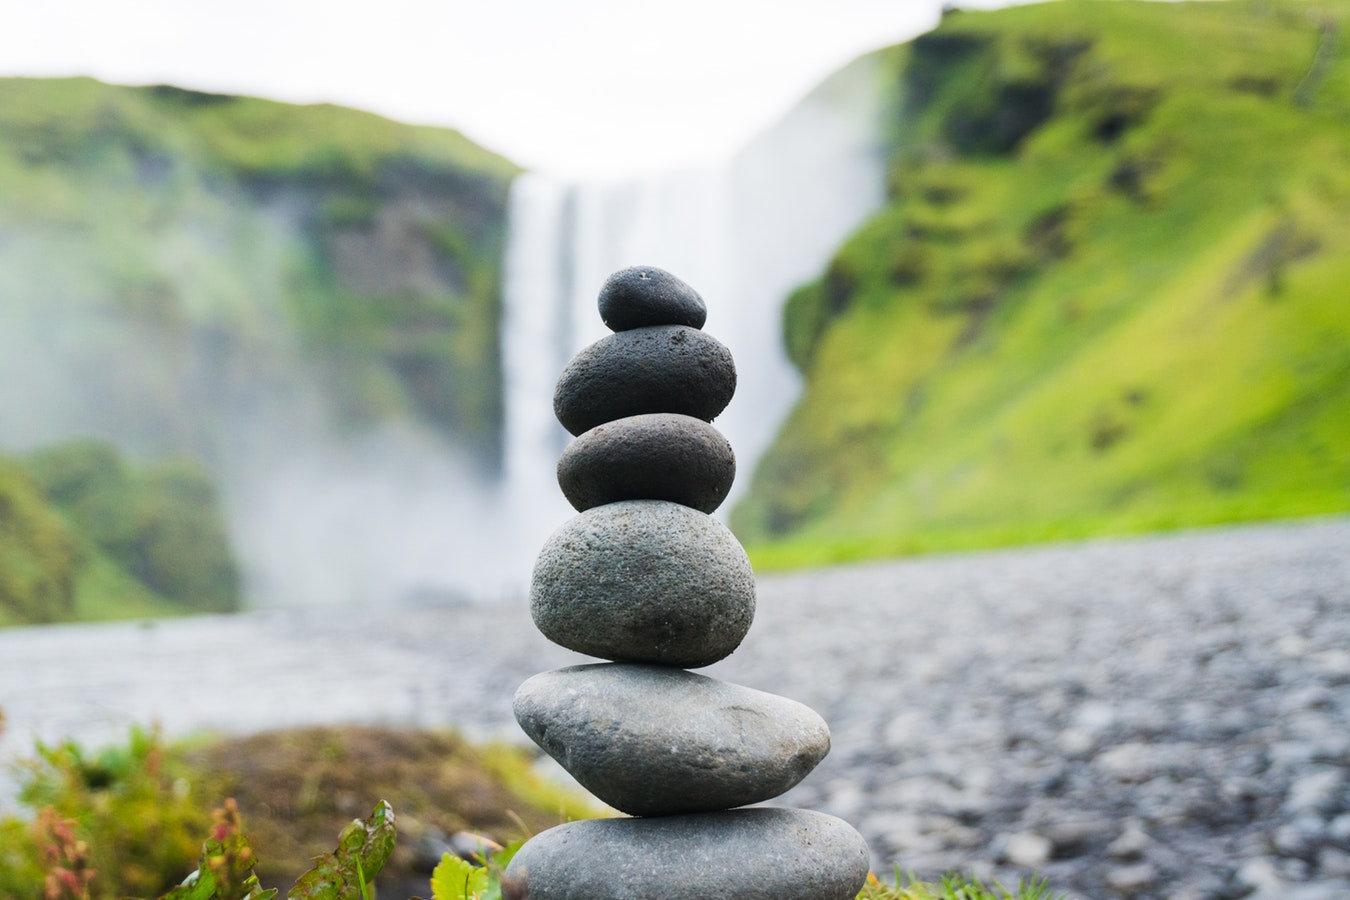 Meditation - 2 people